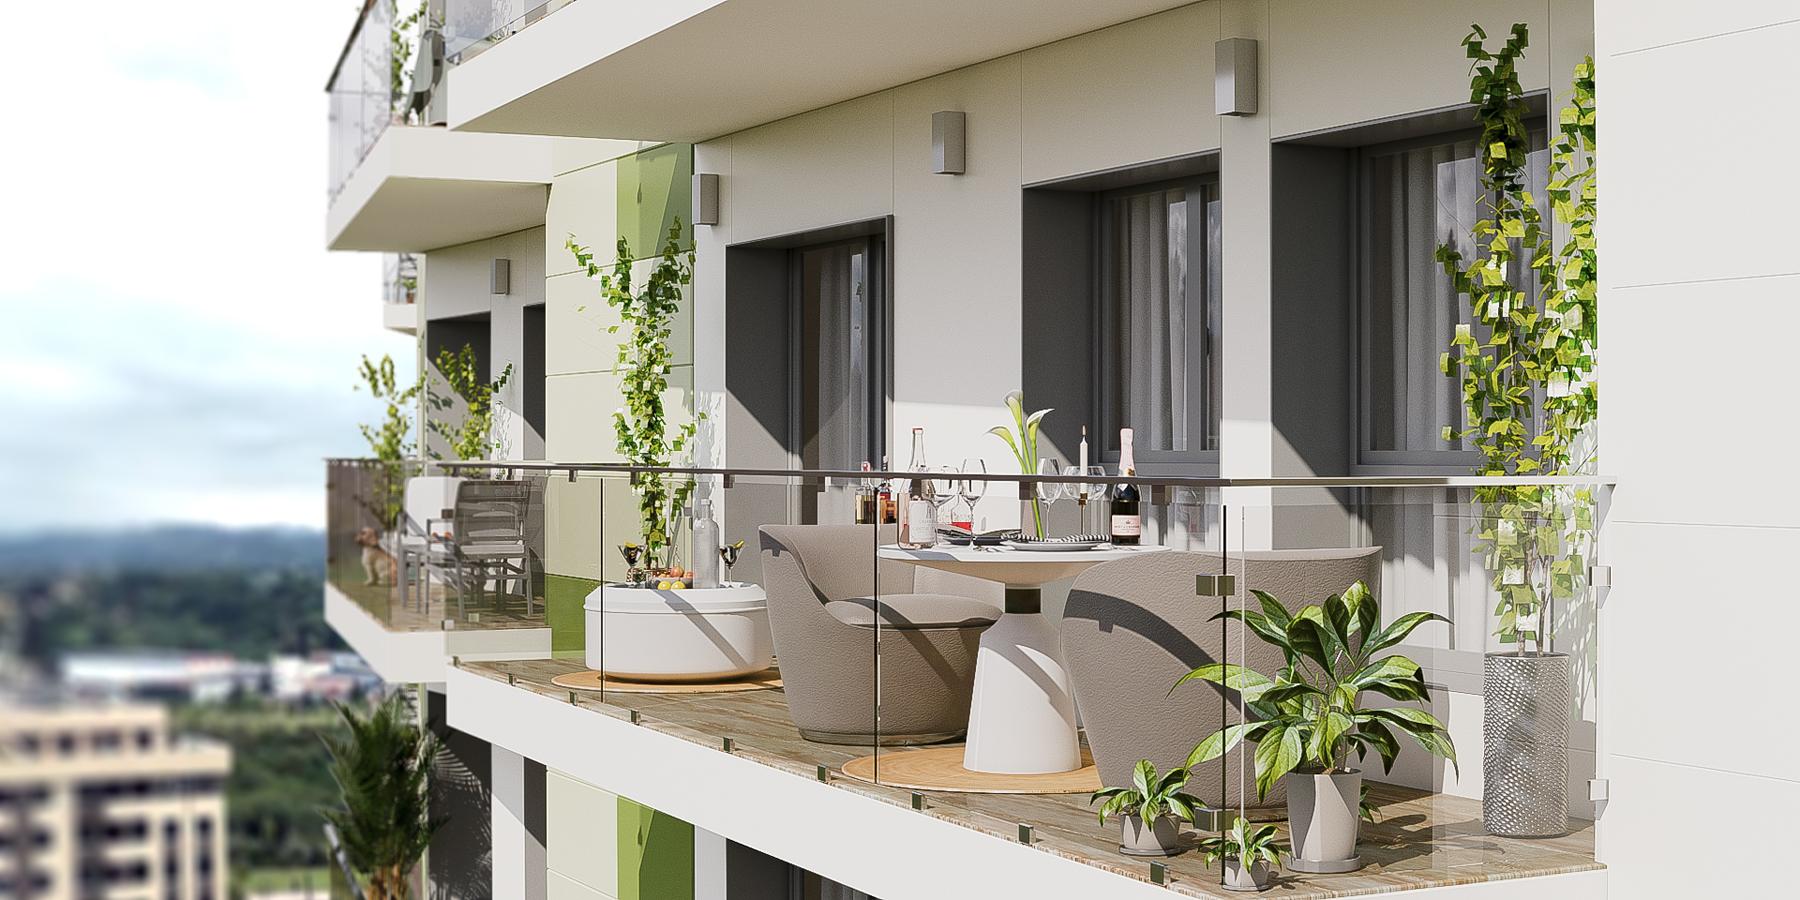 Piso-con terraza en Oviedo